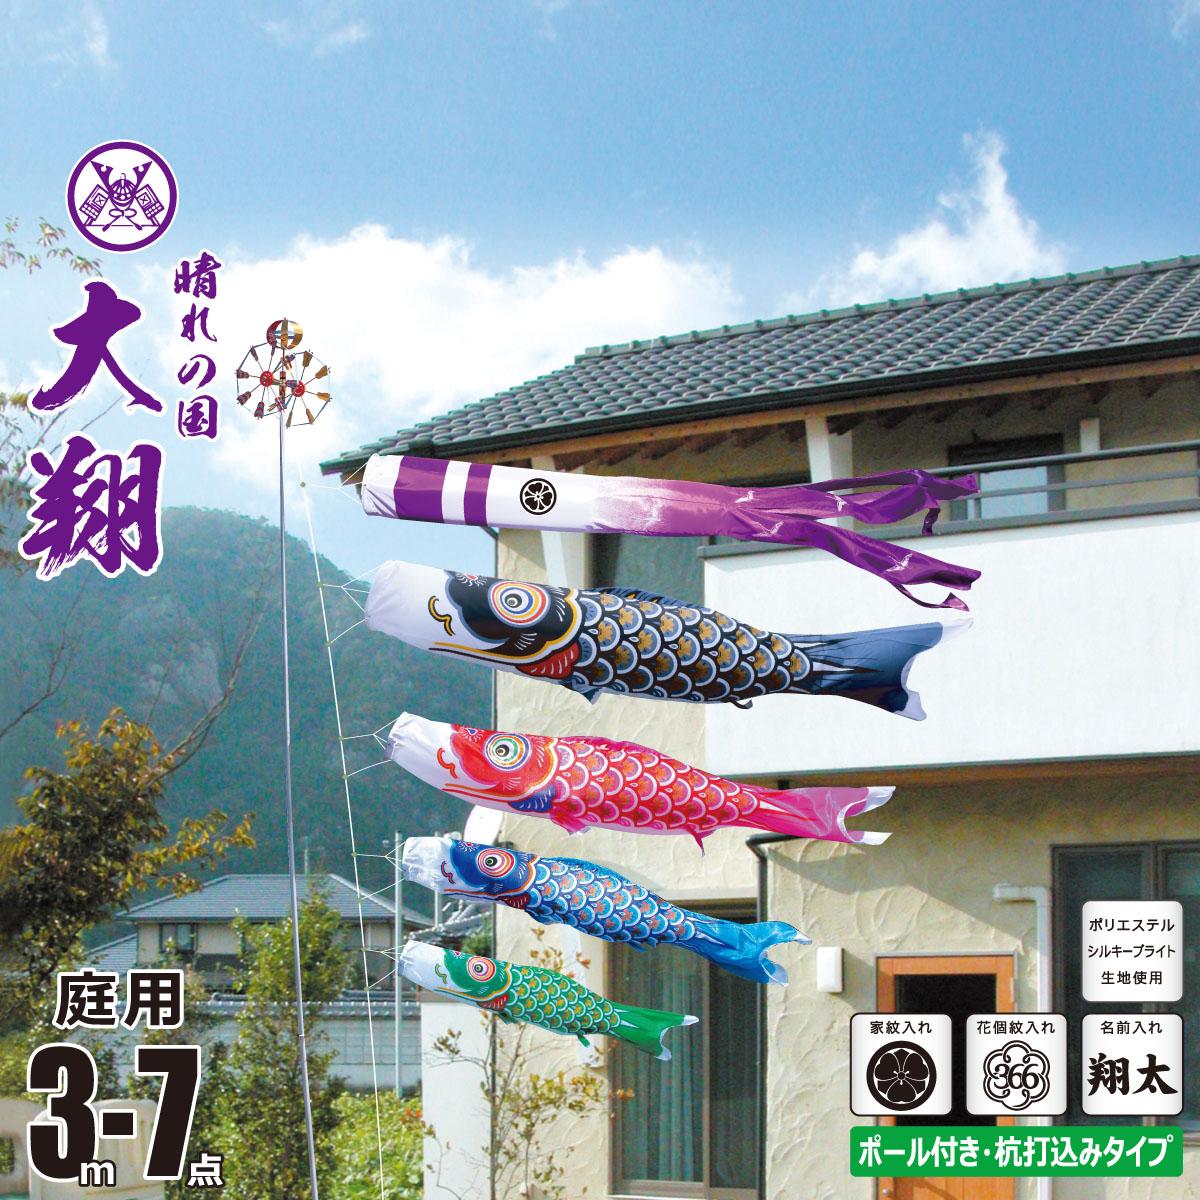 こいのぼり 3m 大翔 7点 (矢車、ロープ、吹流し、鯉4匹) 庭園用 ガーデンセット (専用ポール一式) 徳永鯉のぼり KIT-003-882